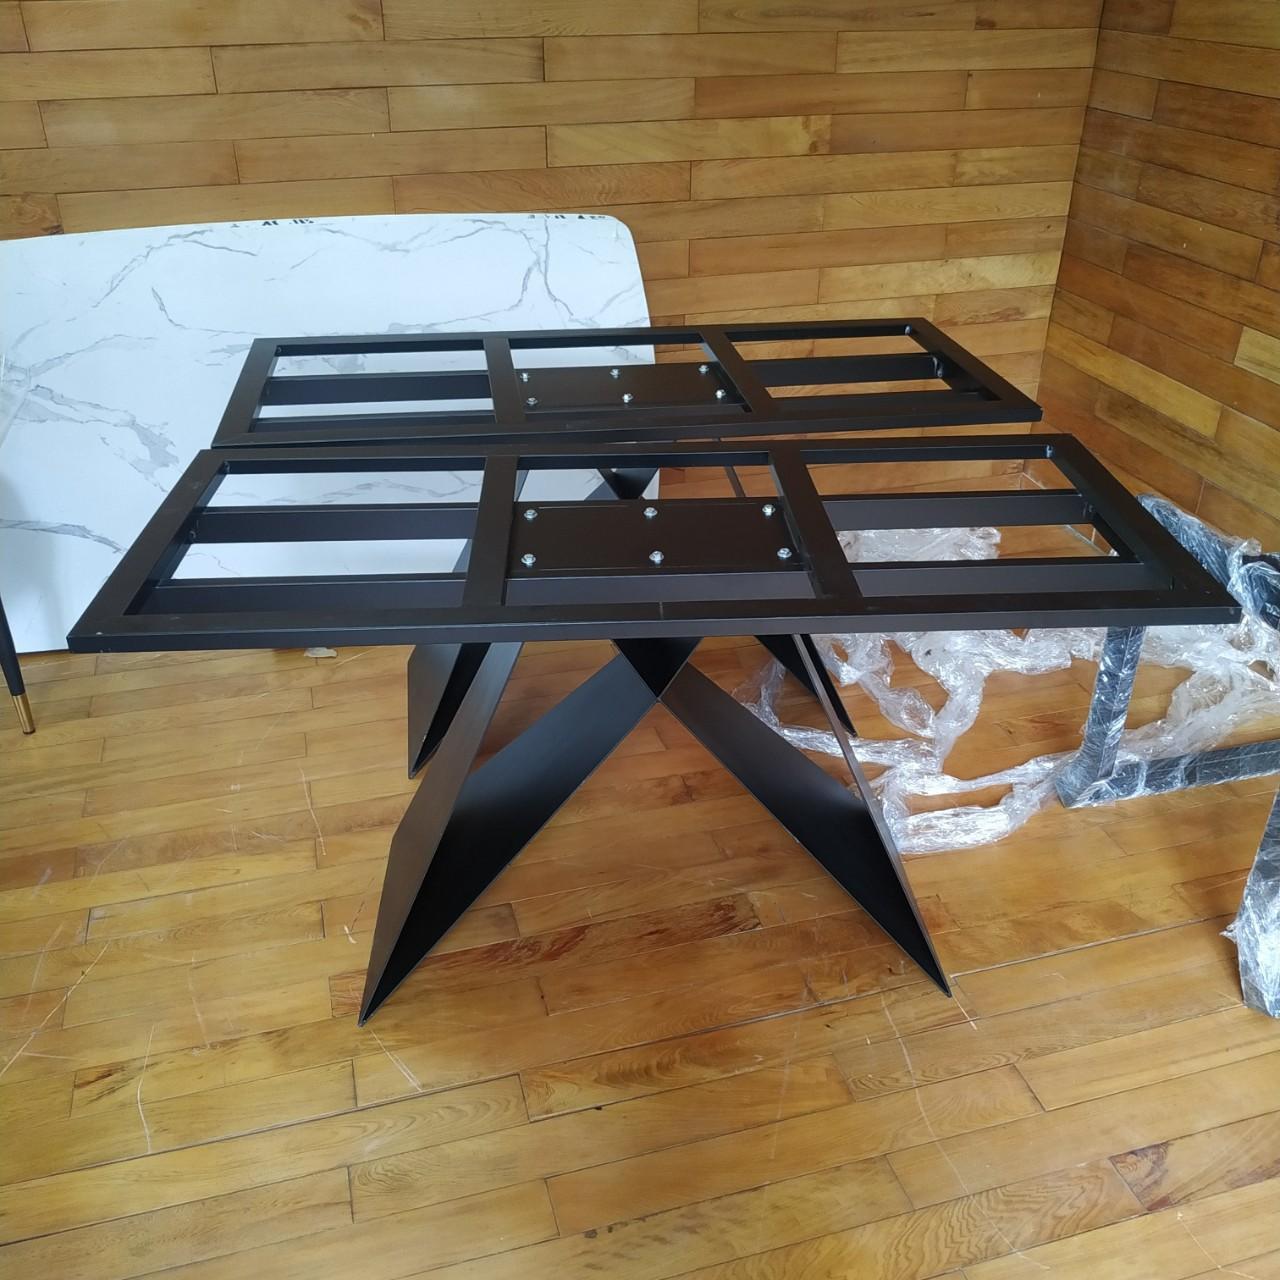 chân bàn ăn sắt sơn tĩnh điện